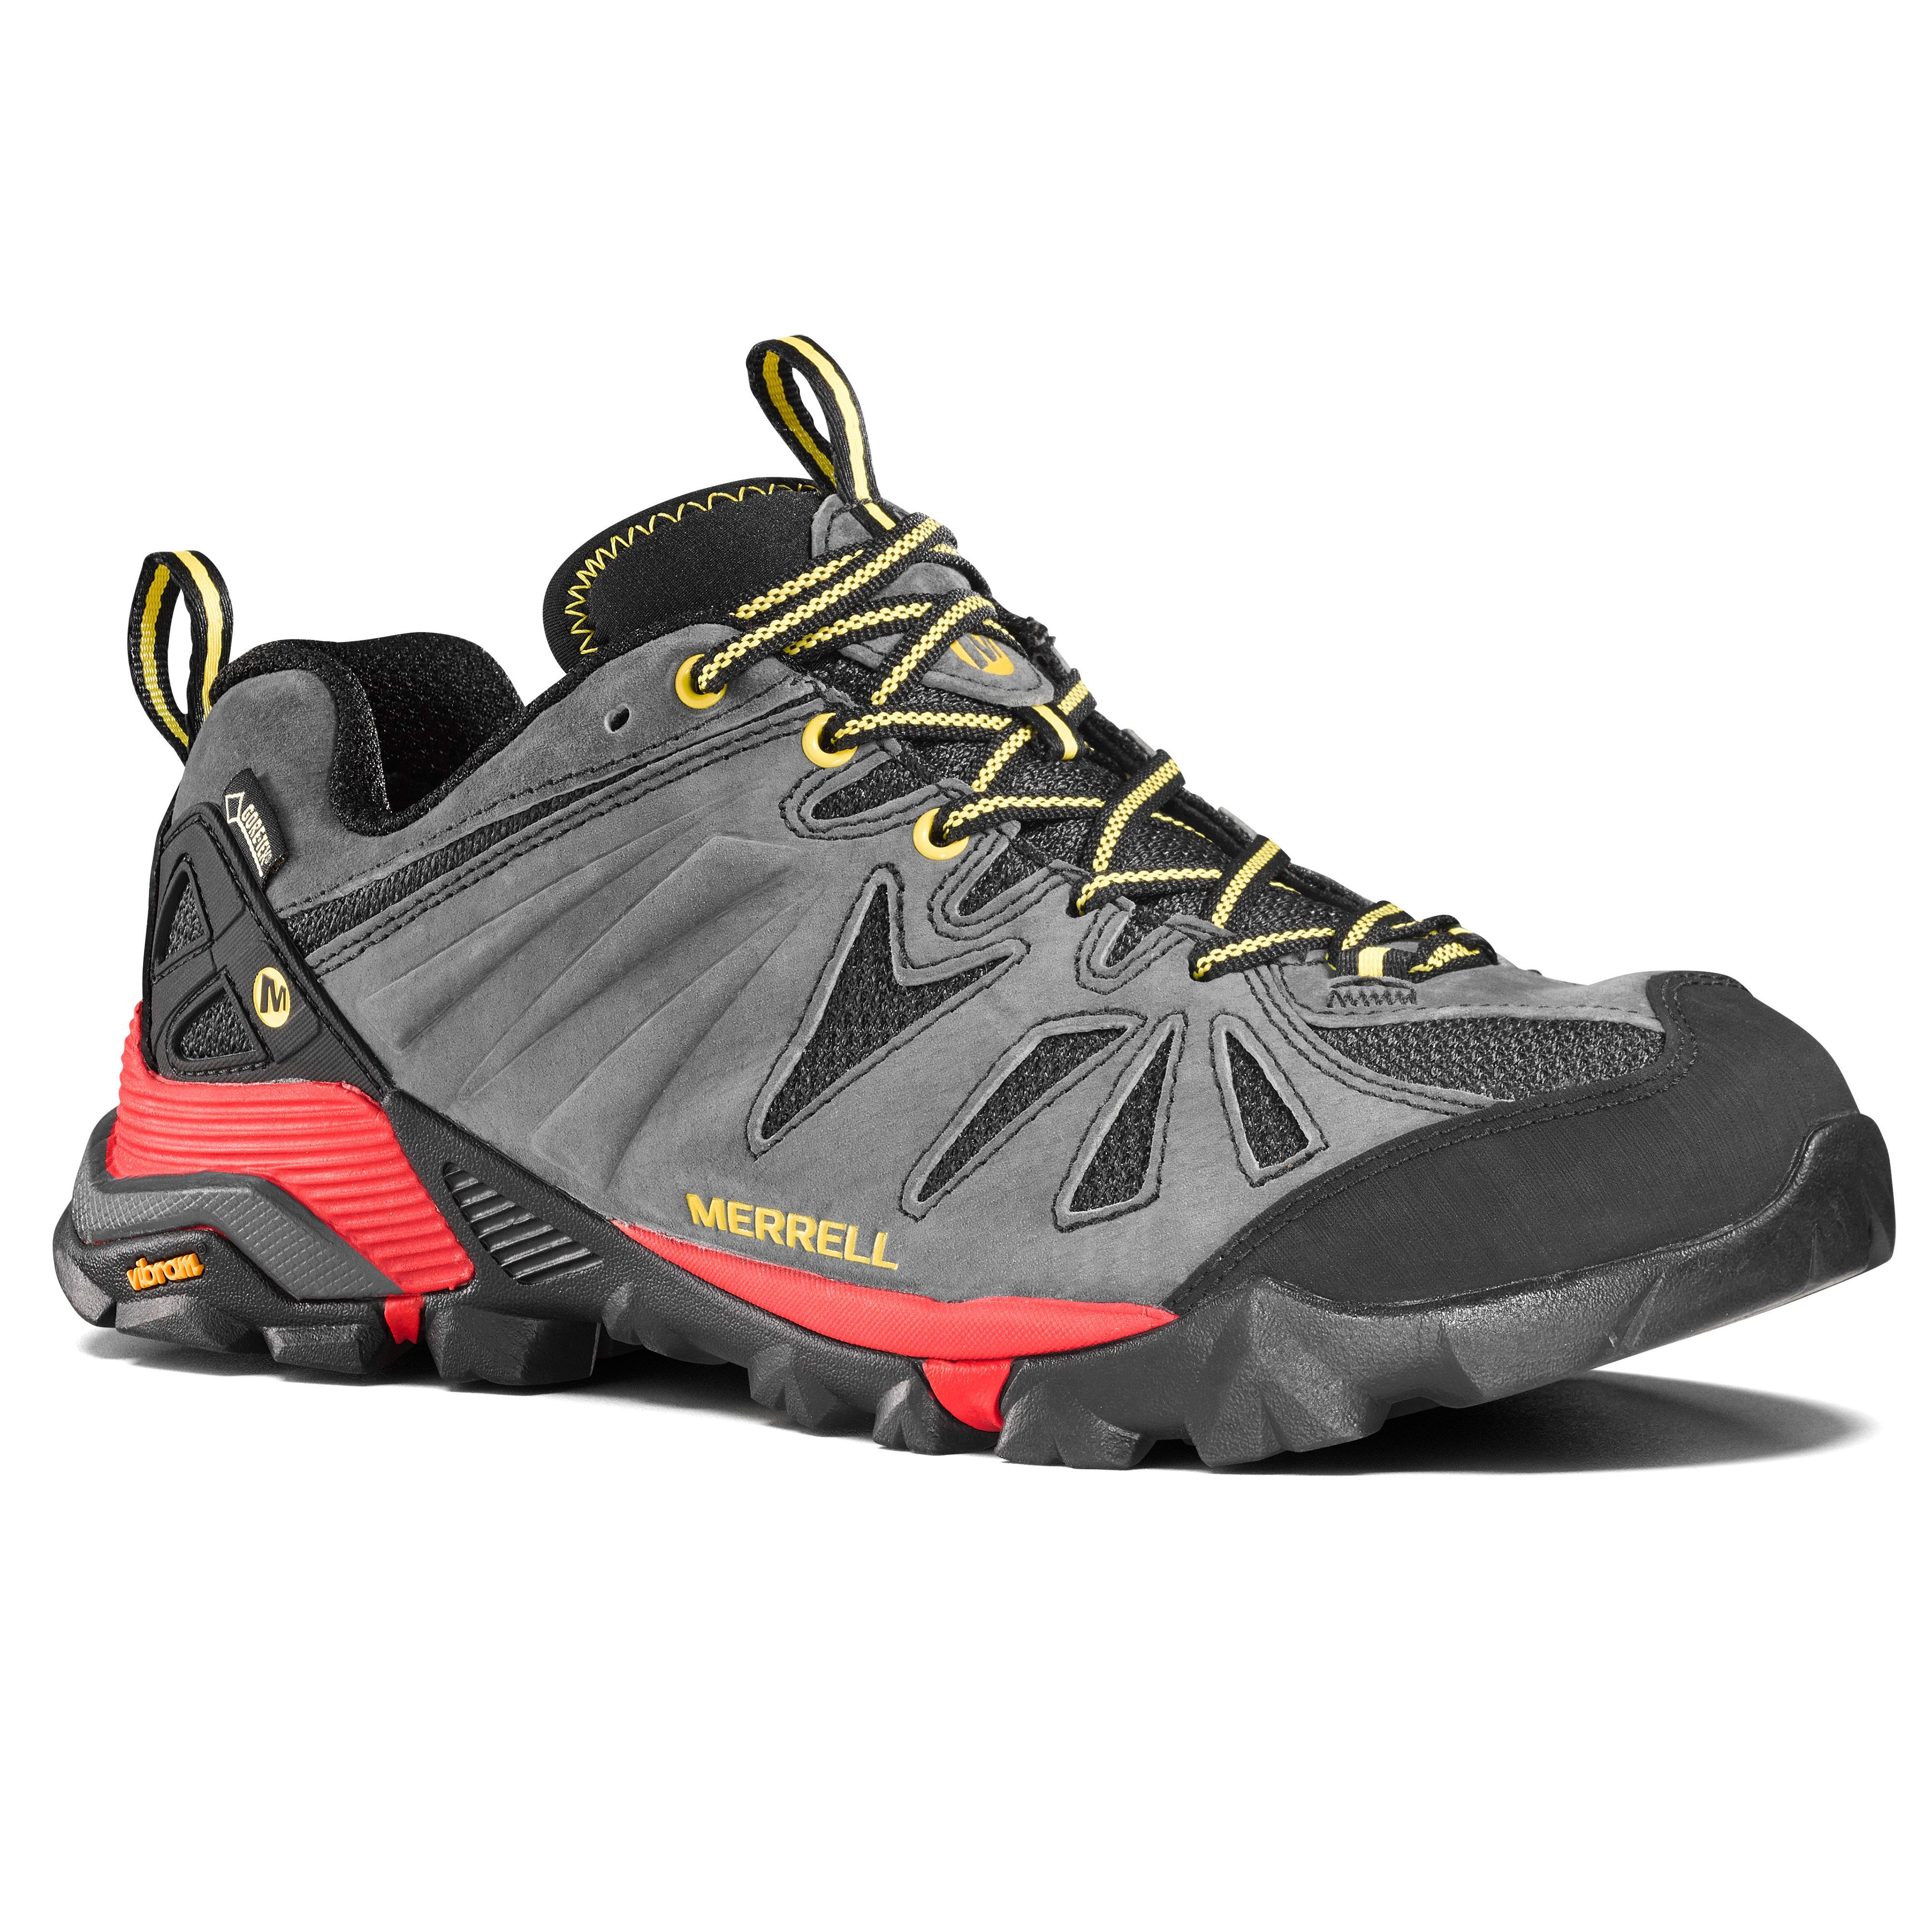 Merrell Capra GTX Granite J35337// Calzado de Montaña Hombre Zapatillas Trekking